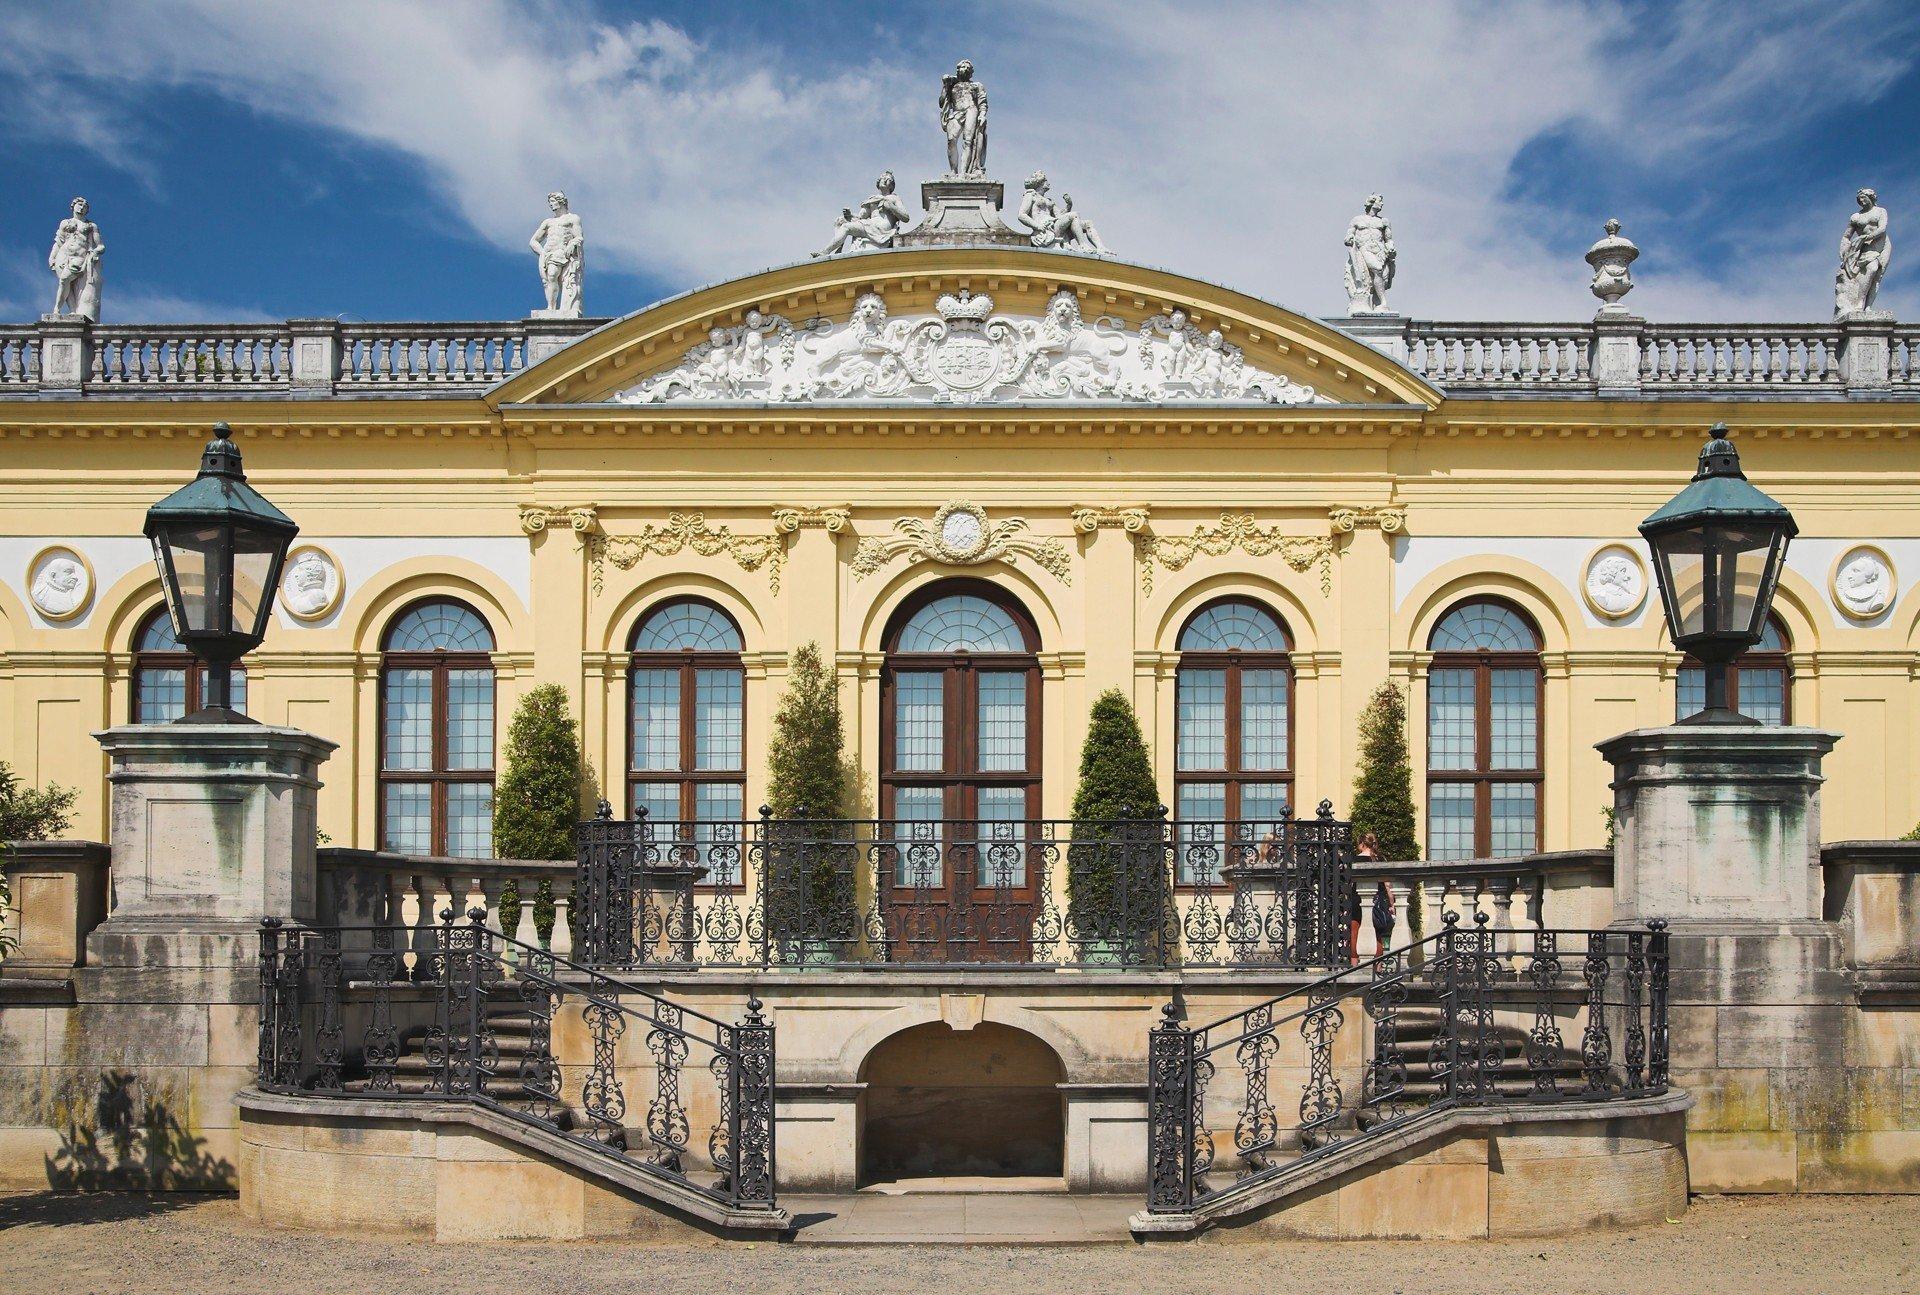 nordhessen-220 Faszinierend 7 Welten Fulda Bewertung Dekorationen